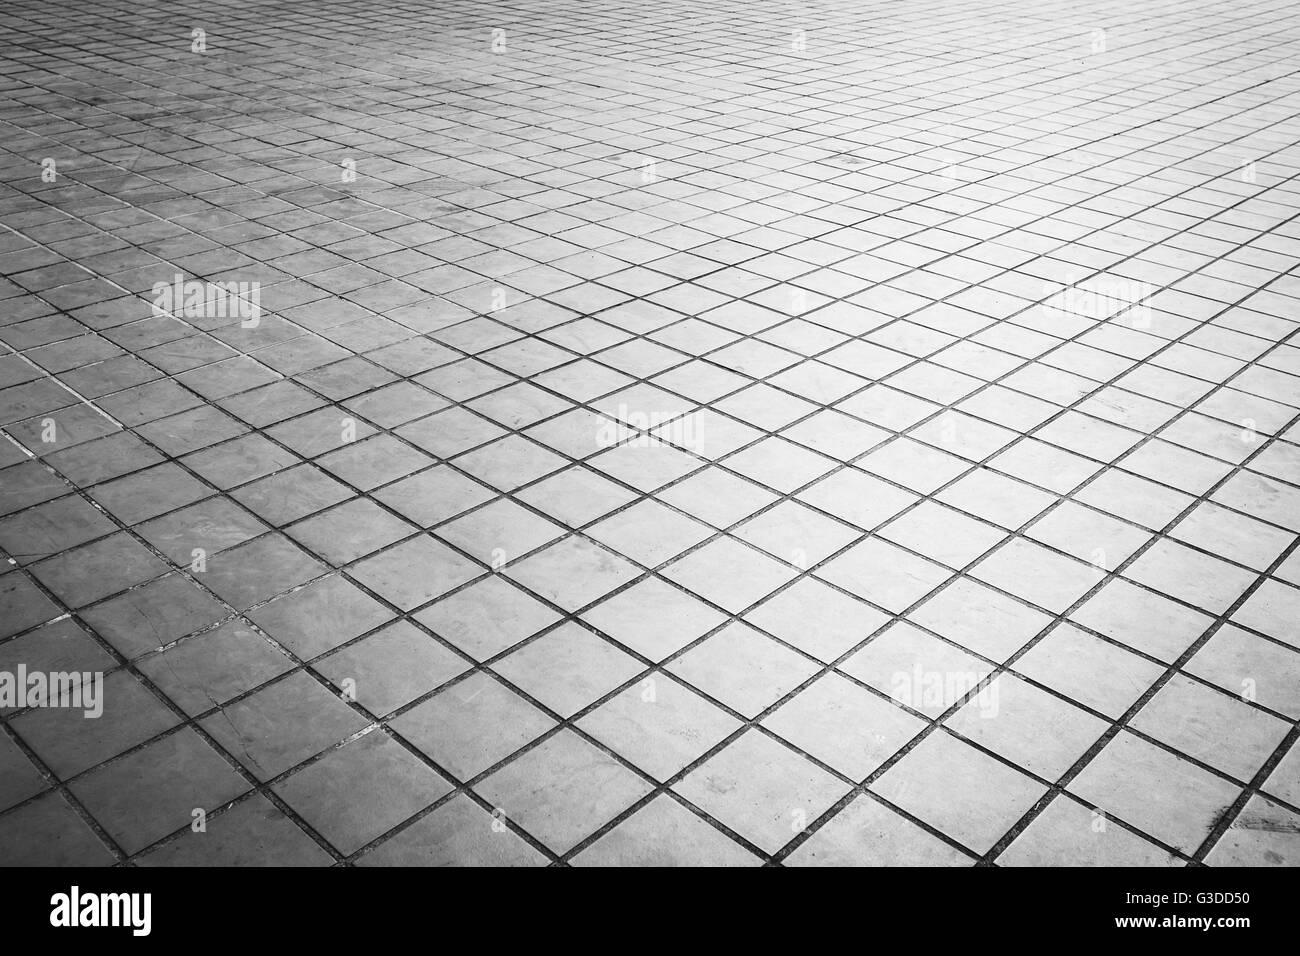 grunge-fußboden-fliesen und quadratische form textur und hintergrund